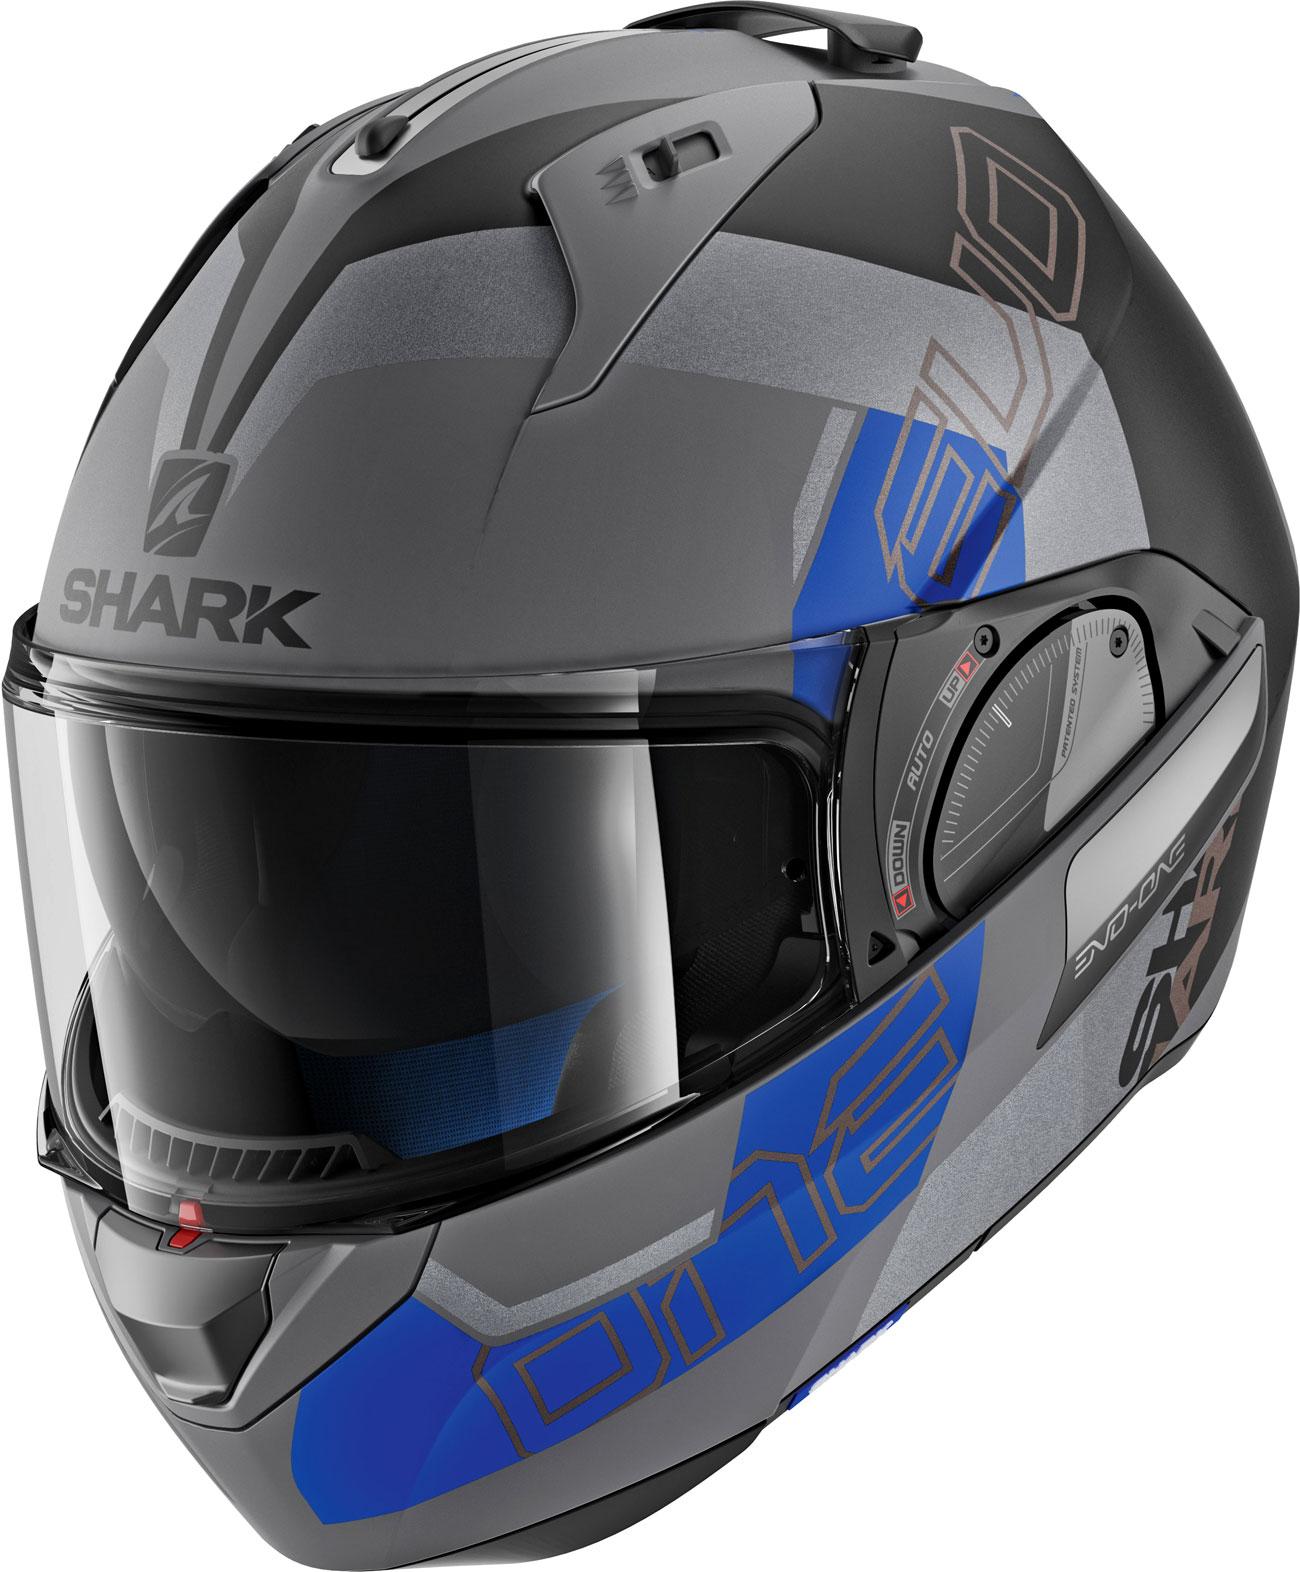 Shark Evo-One 2 Slasher, Modularhelm - Matt Grau/Schwarz/Blau - XS HE9715EAKBXS